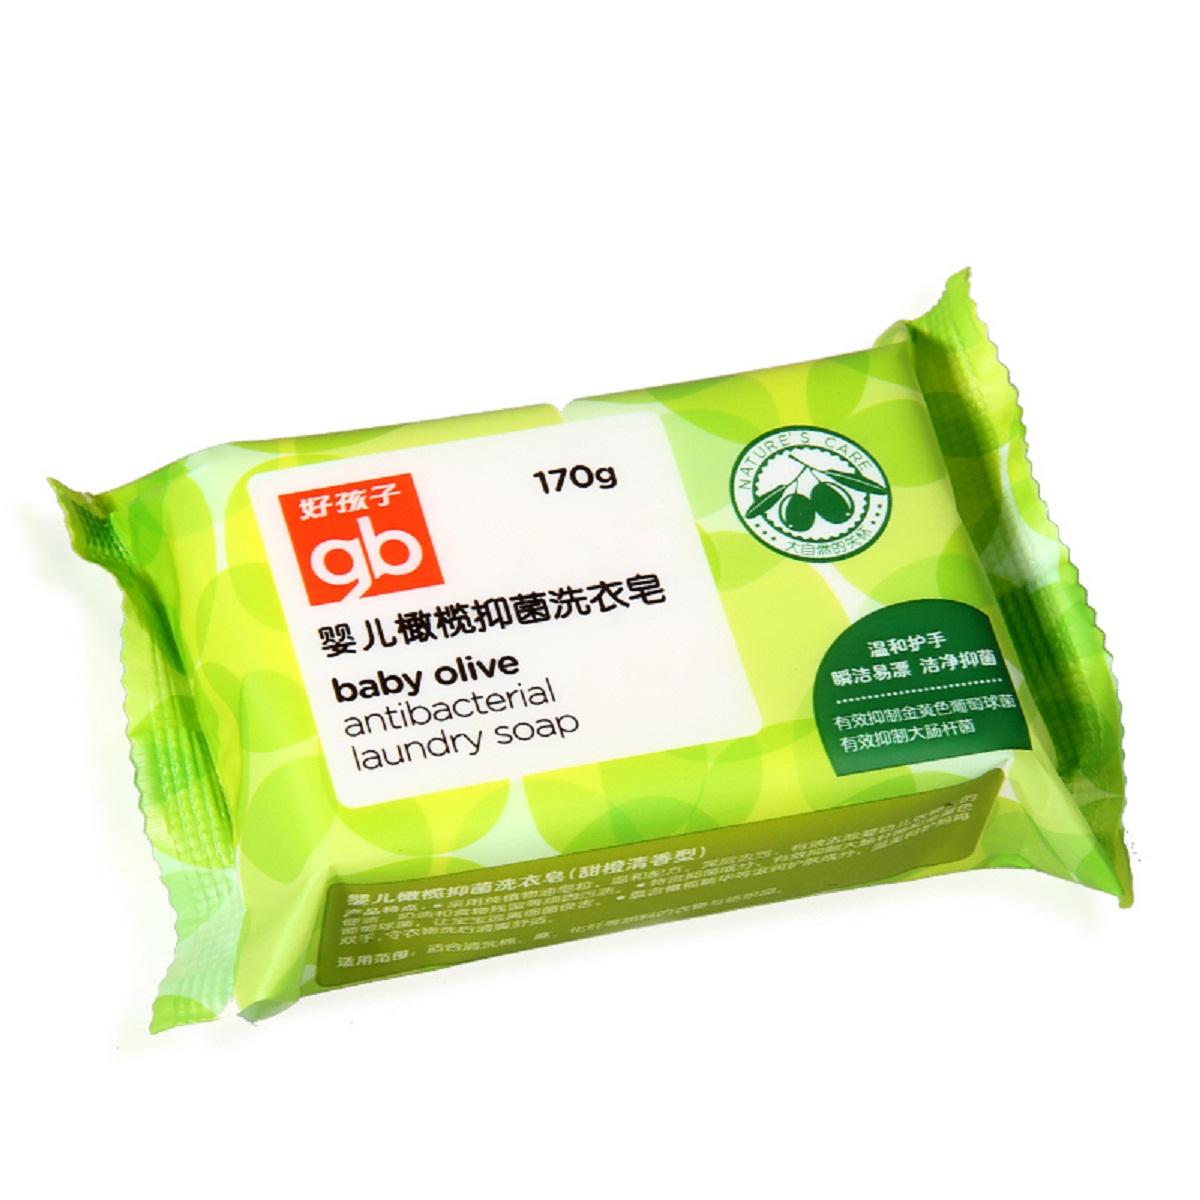 好孩子 婴儿橄榄抑菌洗衣皂170g*5盒